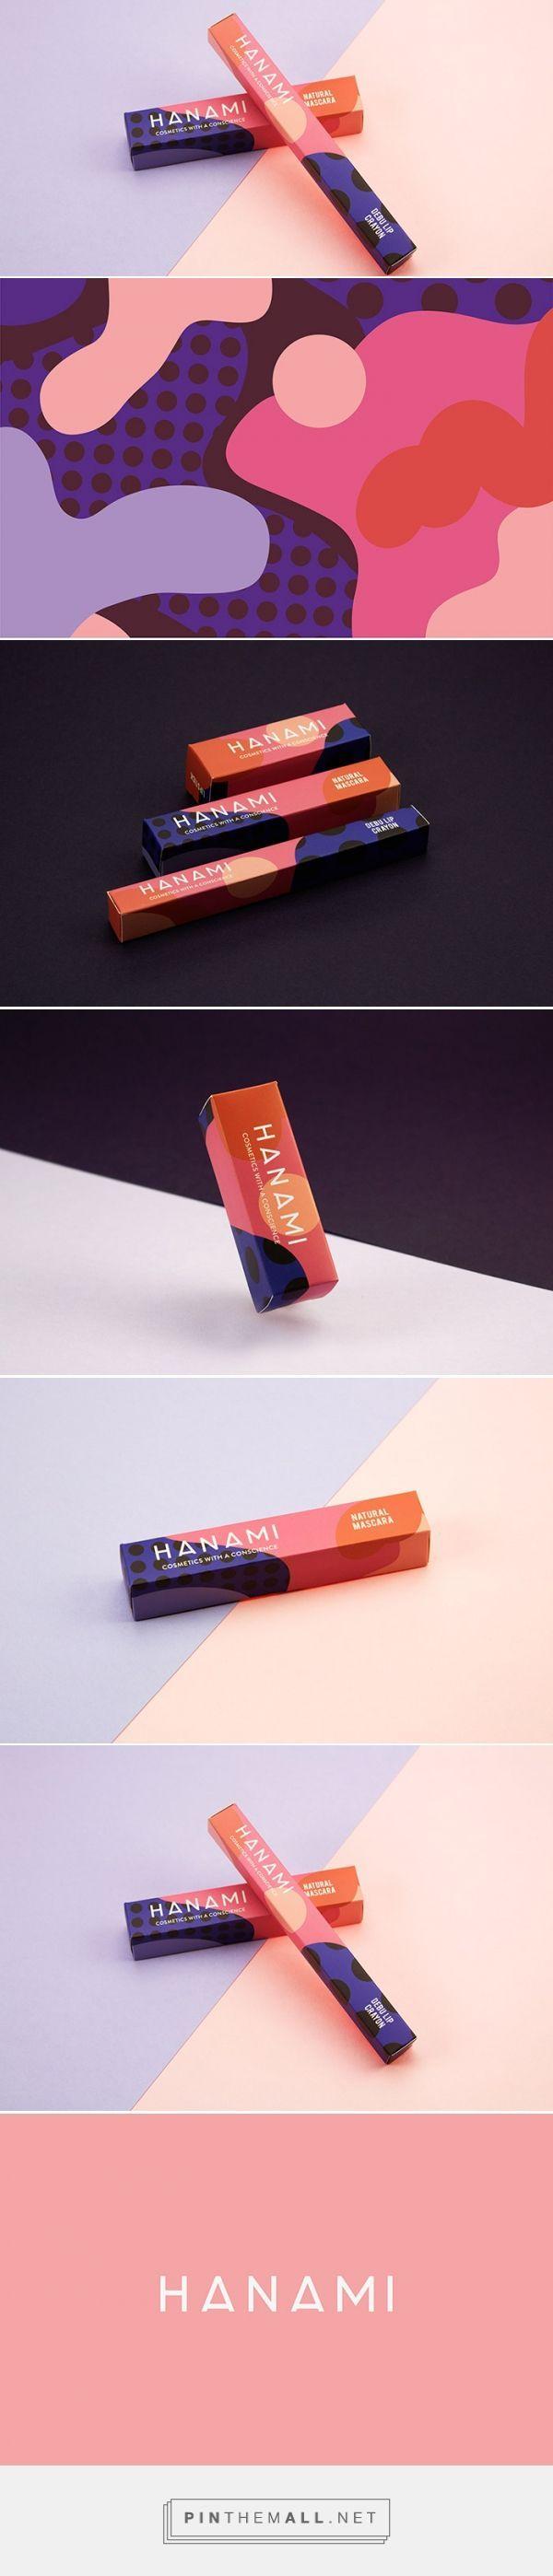 HANAMI / Australian cosmetic company / Designed by Eve Warren